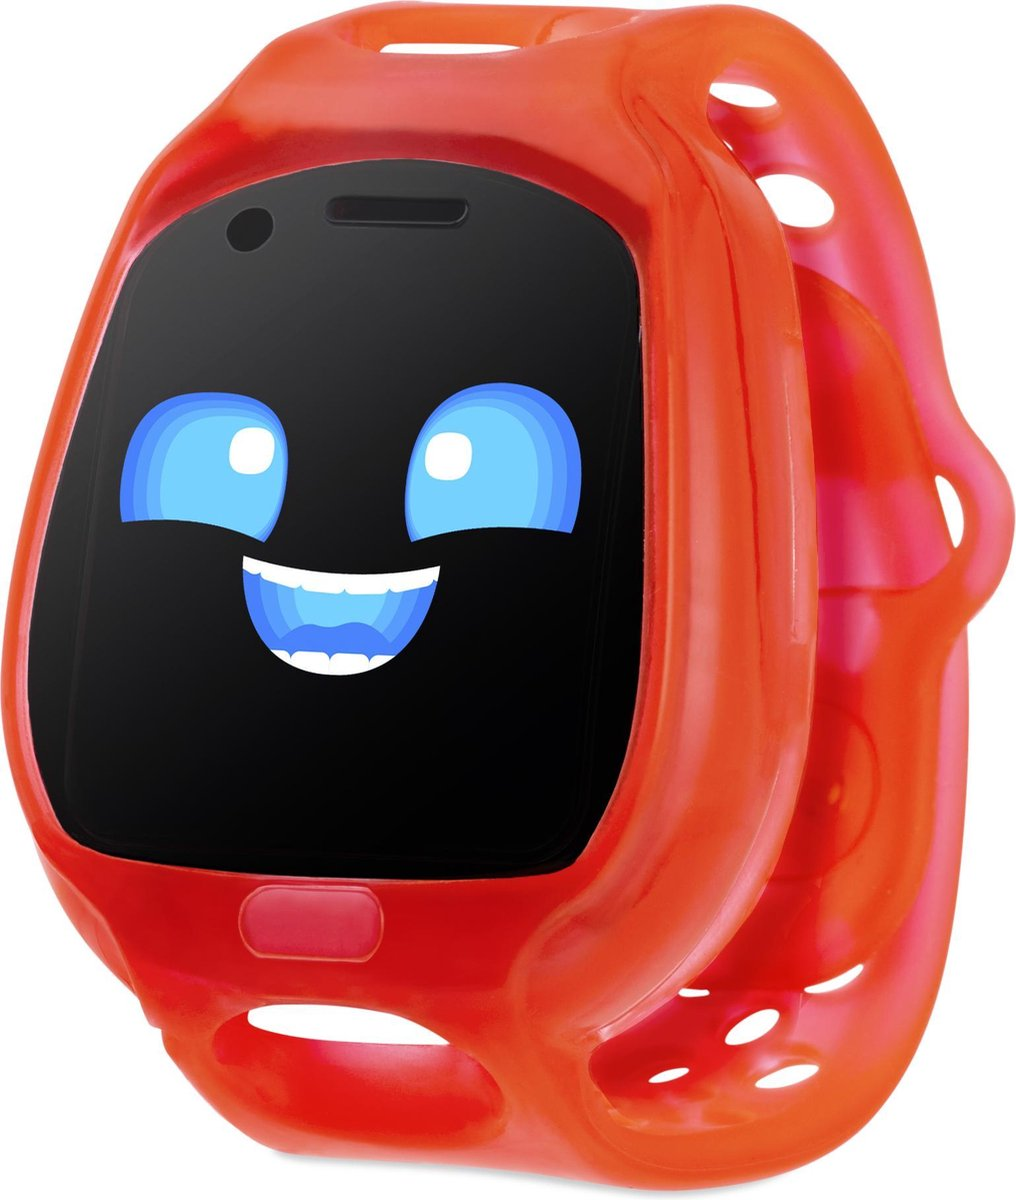 Little Tikes Tobi 2 Smartwatch Rood - Kindersmartwatch